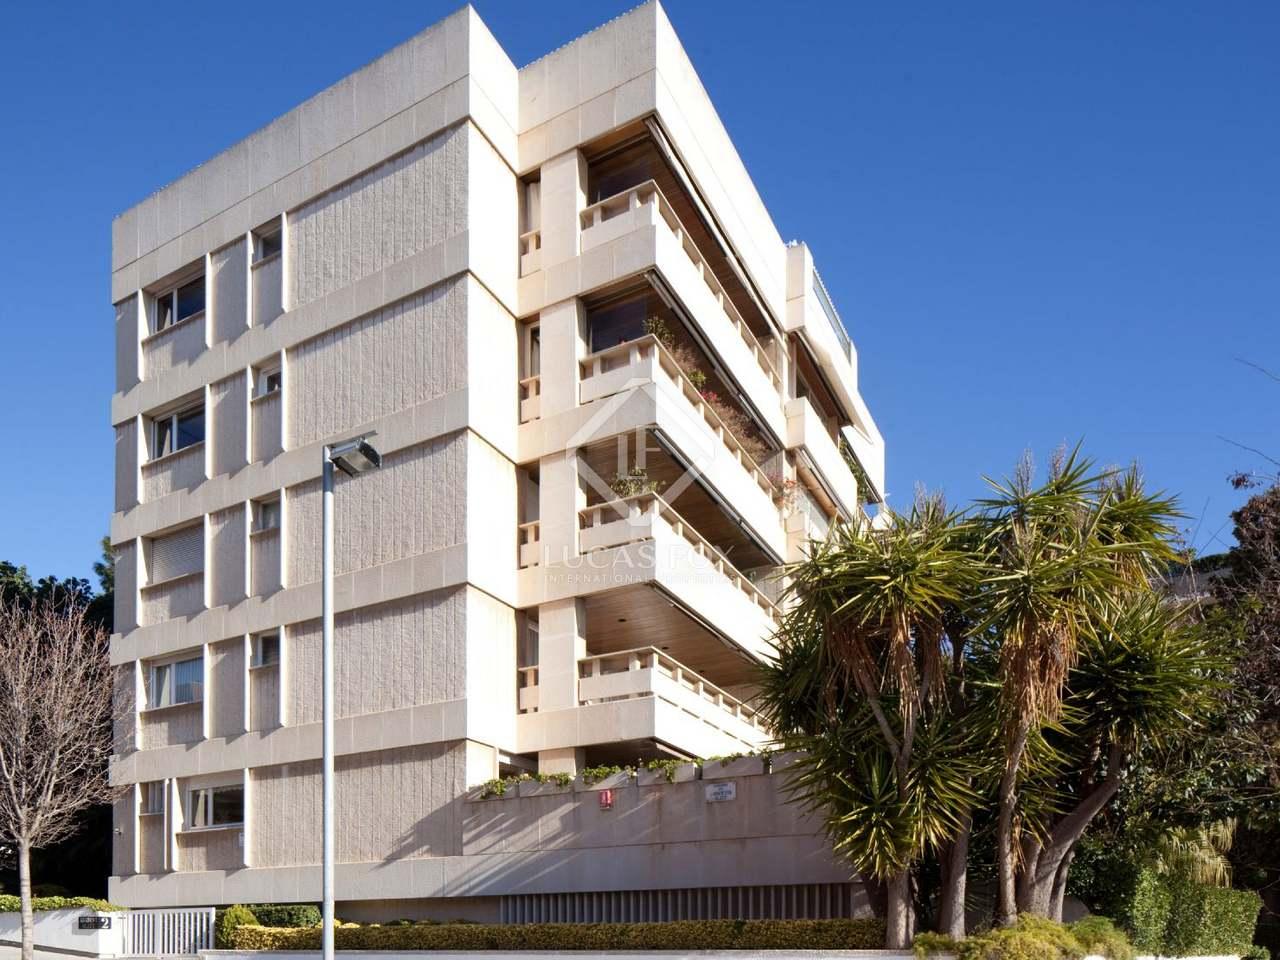 Appartement de 280m a vendre pedralbes avec 80m de jardin for Appartement piscine barcelone